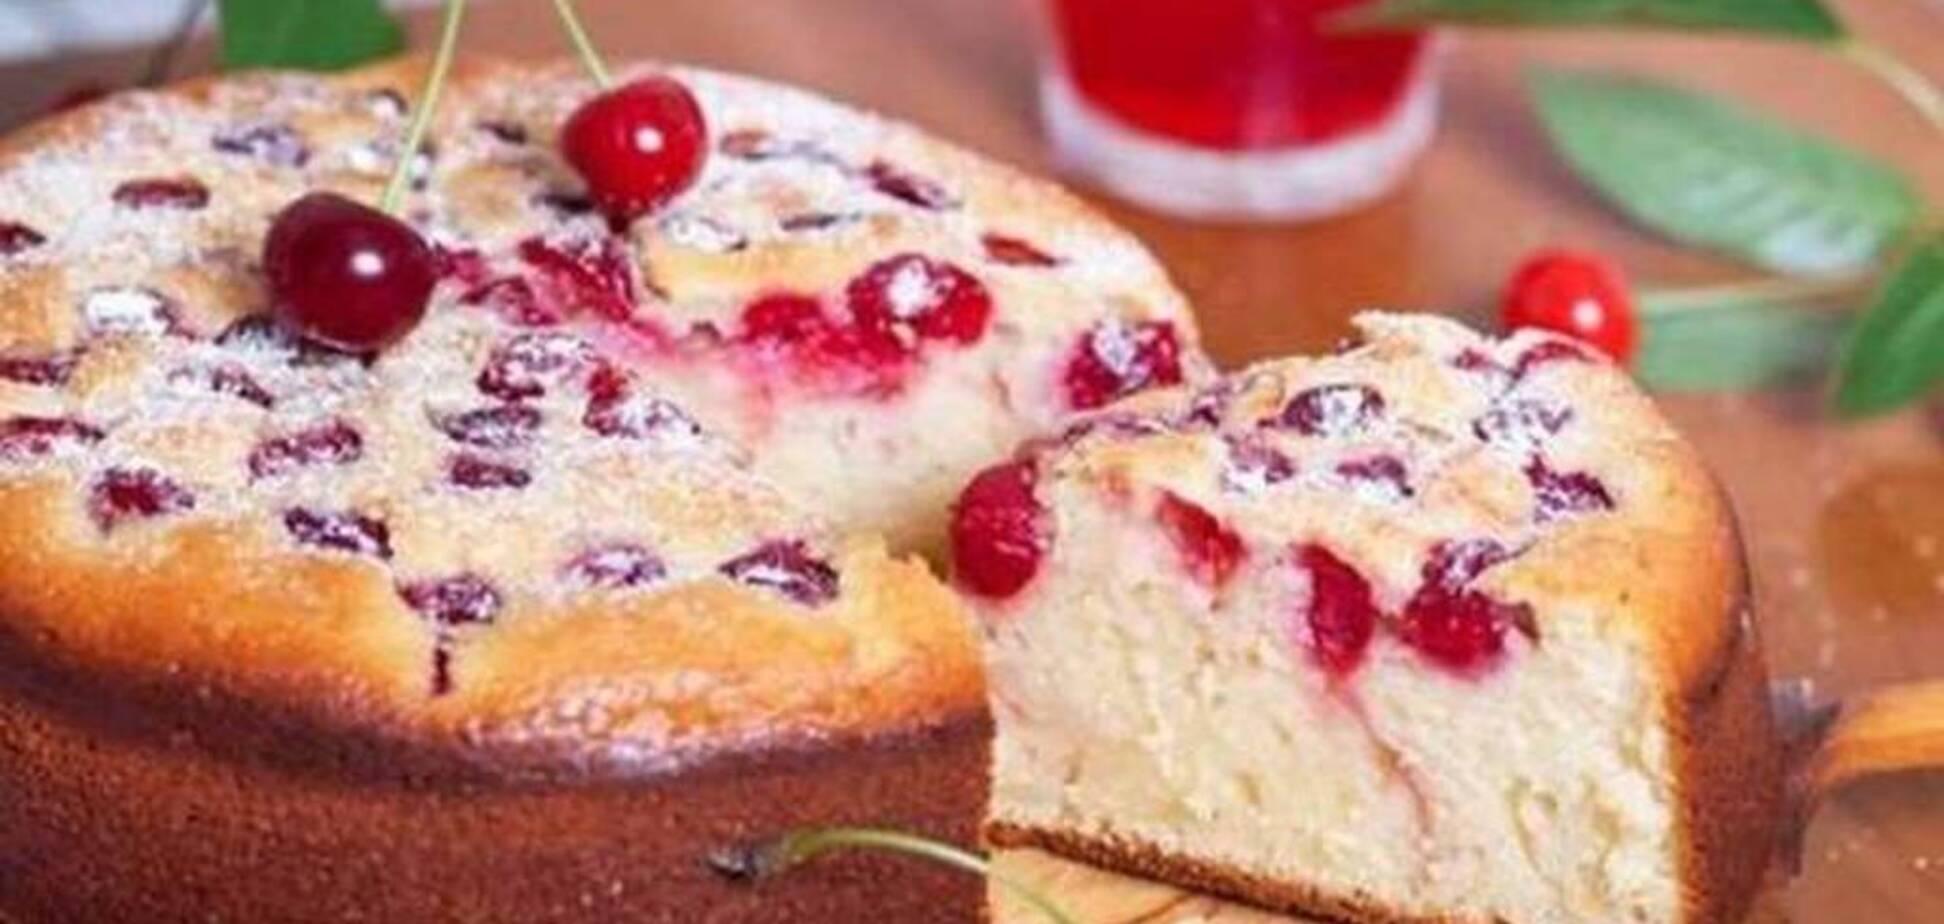 Рецепт дуже апетитного пирога з вишнею, який захопить близьких і гостей